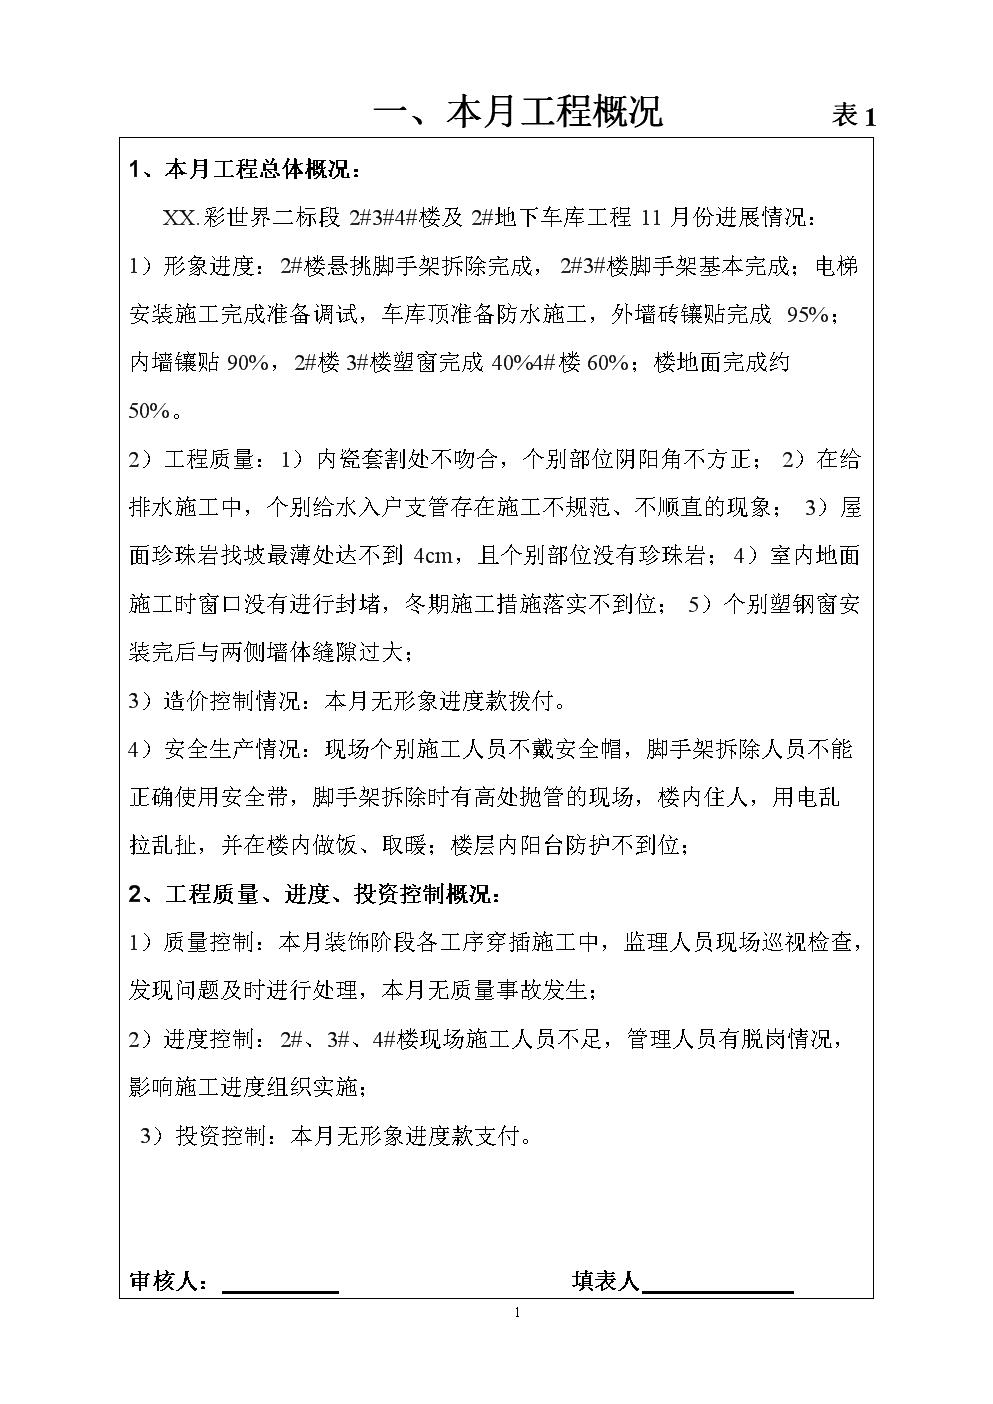 重汽彩世界(月报格式).doc